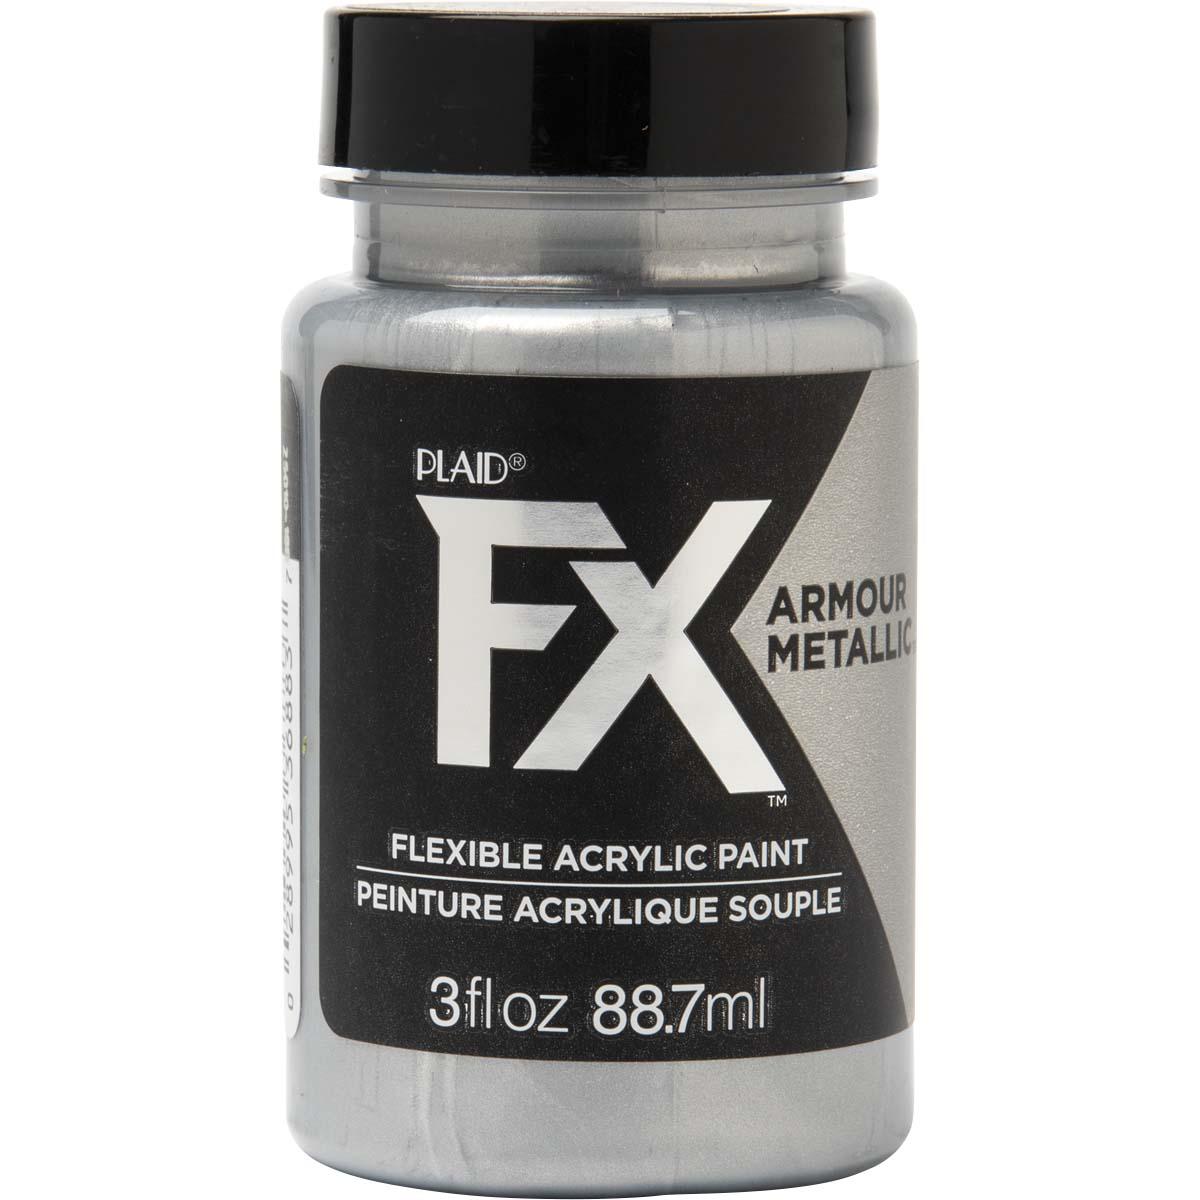 PlaidFX Armour Metal Flexible Acrylic Paint - Chainmail, 3 oz. - 36883